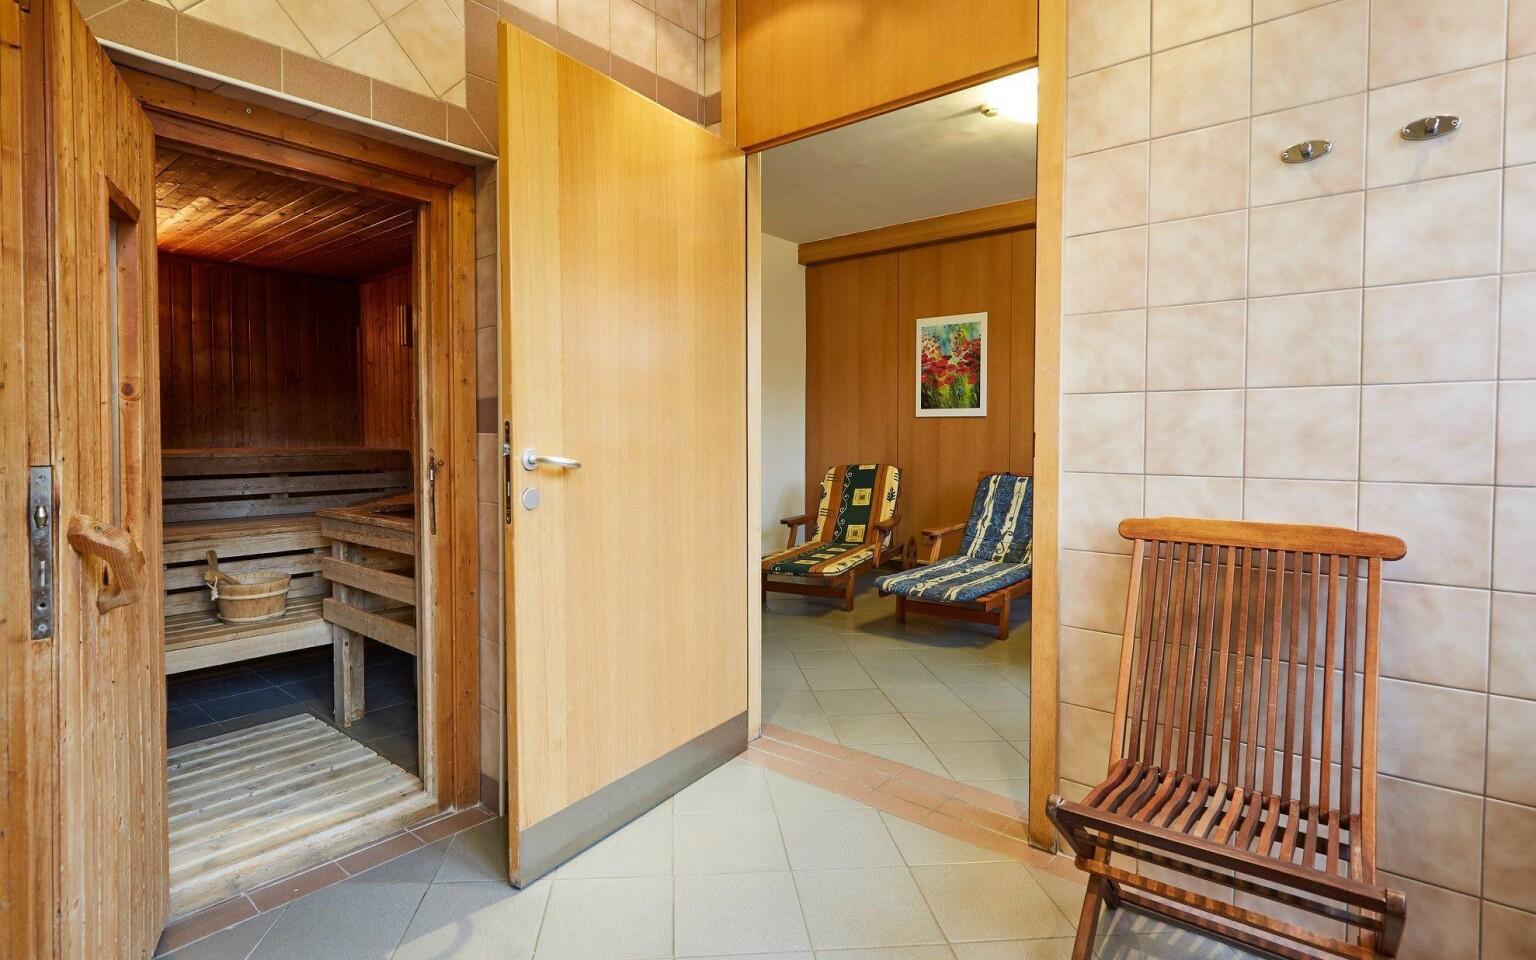 Součástí wellness centra je samozřejmě sauna